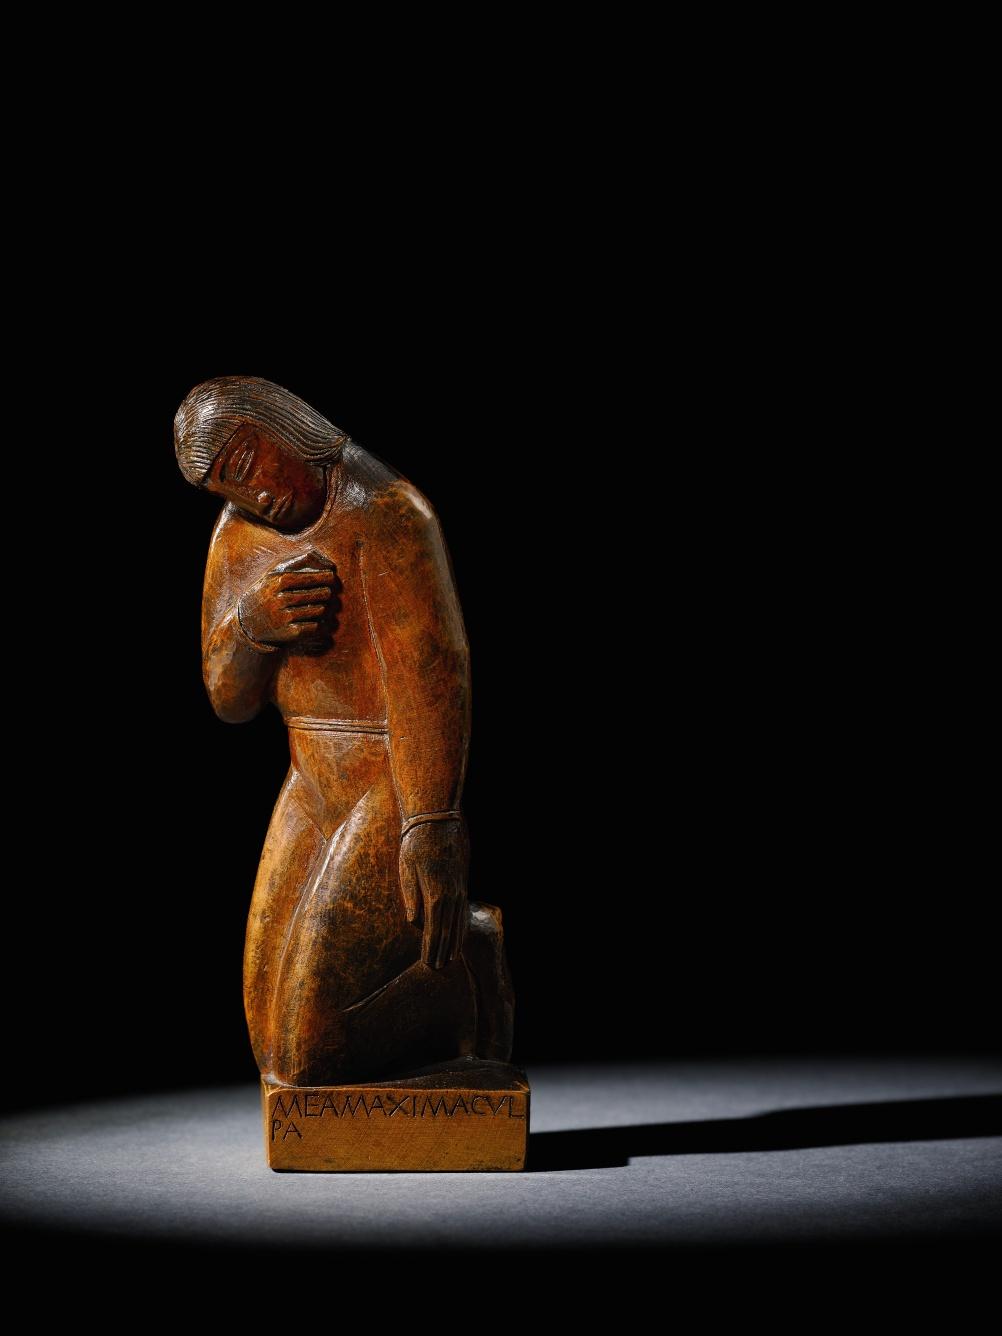 Kneeling Figure 'Mea Maxima Culpa'